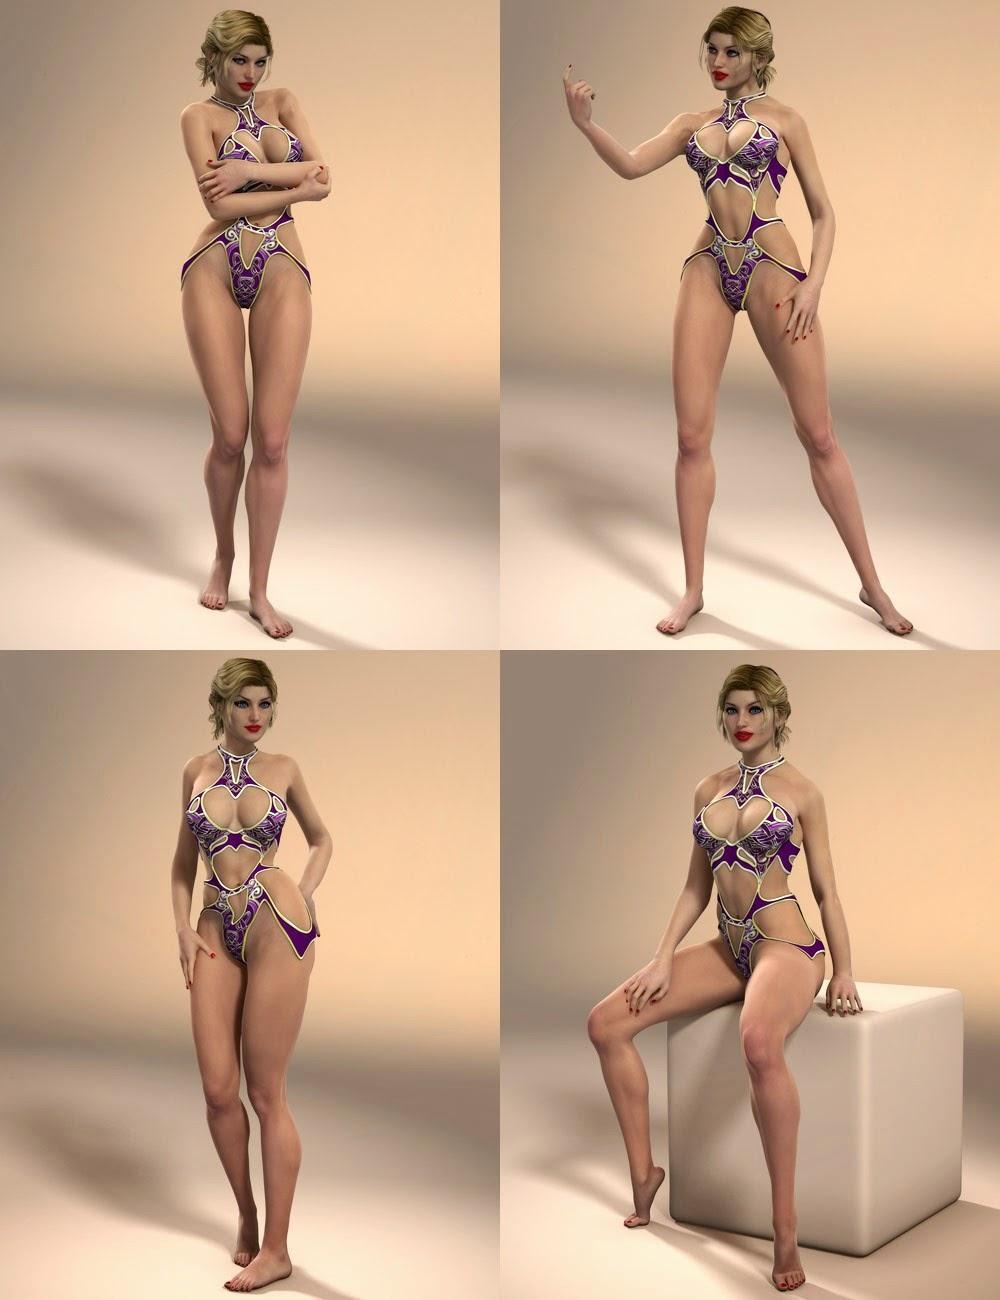 Séductrice pose pour Lilith 6